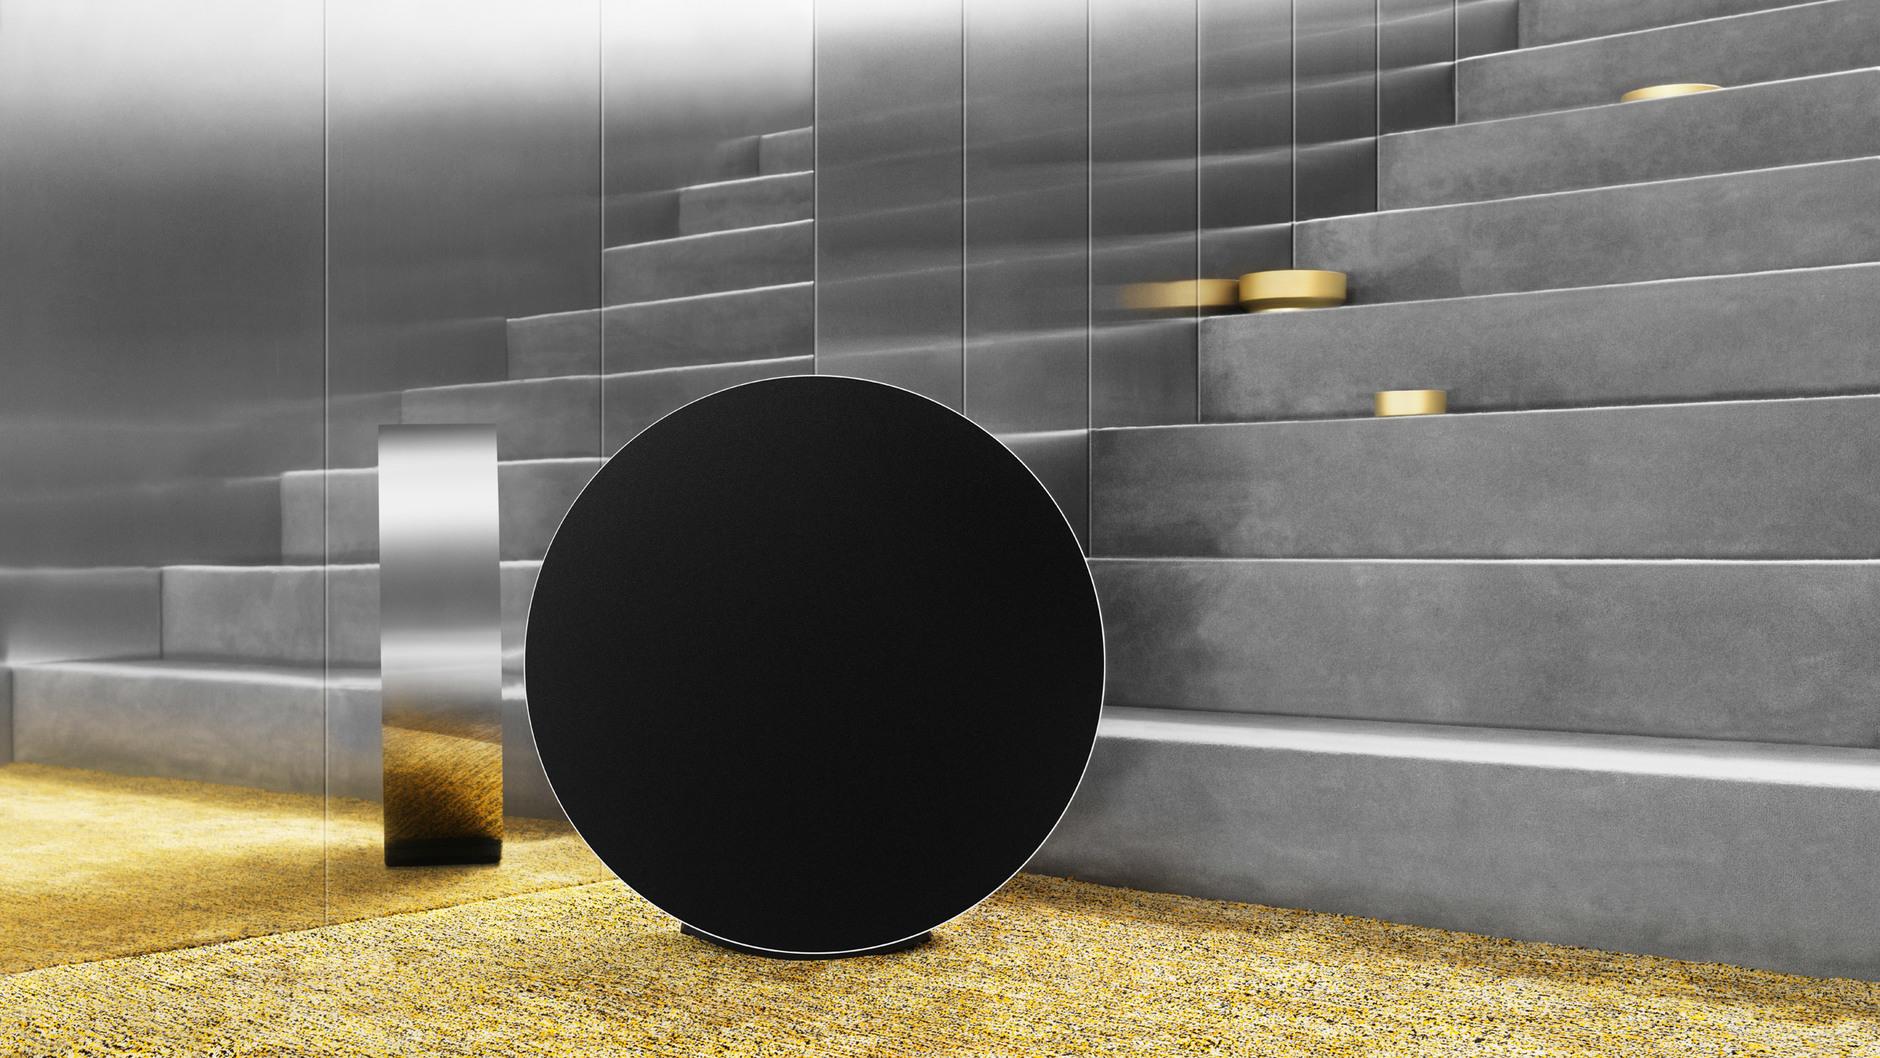 Изобрели колесо! Новая аудиоколонка Майкла Анастассиадеса для Bang & Olufsen (галерея 2, фото 0)